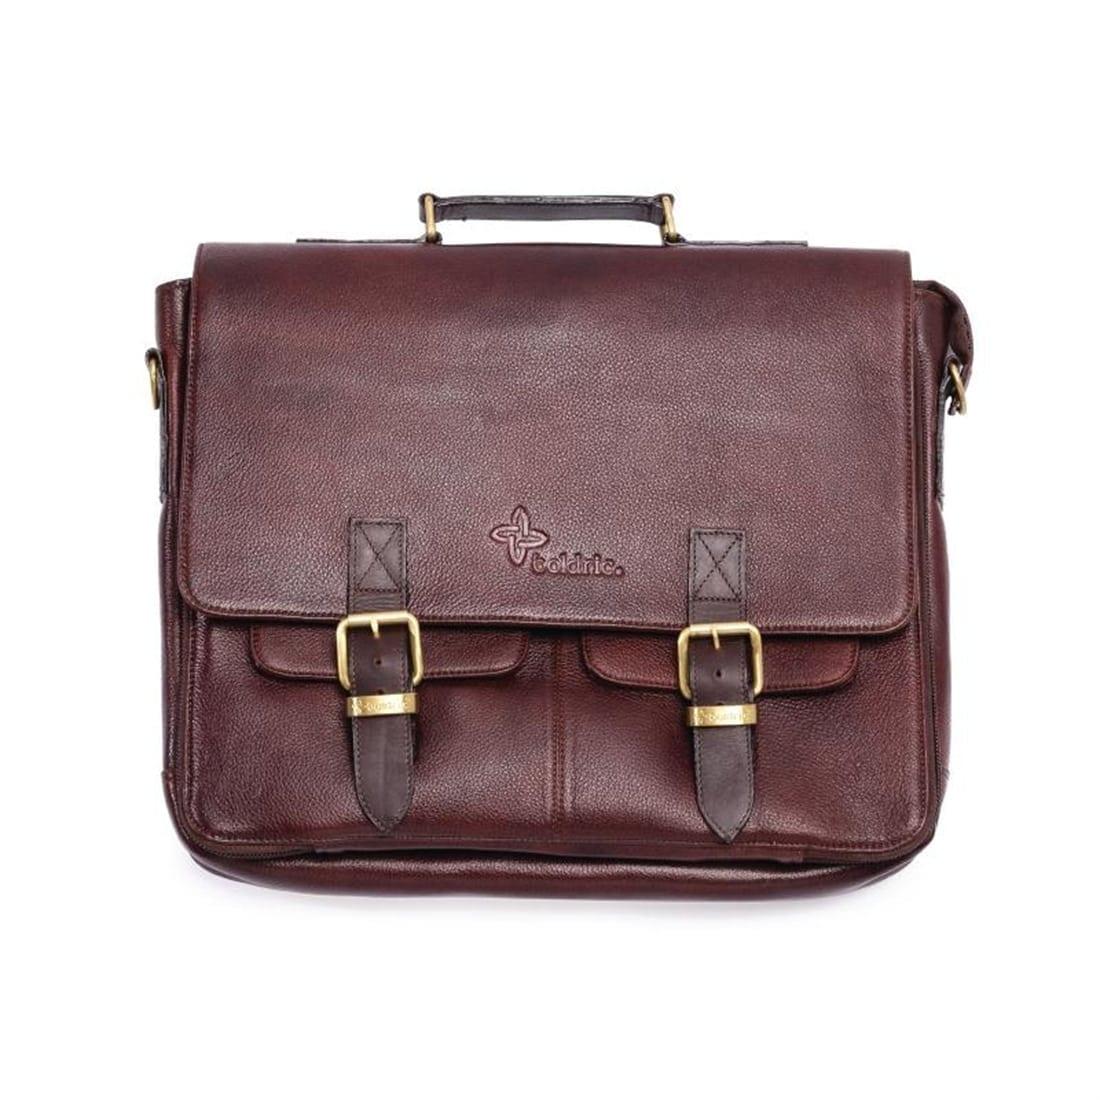 Boldric Brown Messenger Leather Knife Bag 10 Pocket